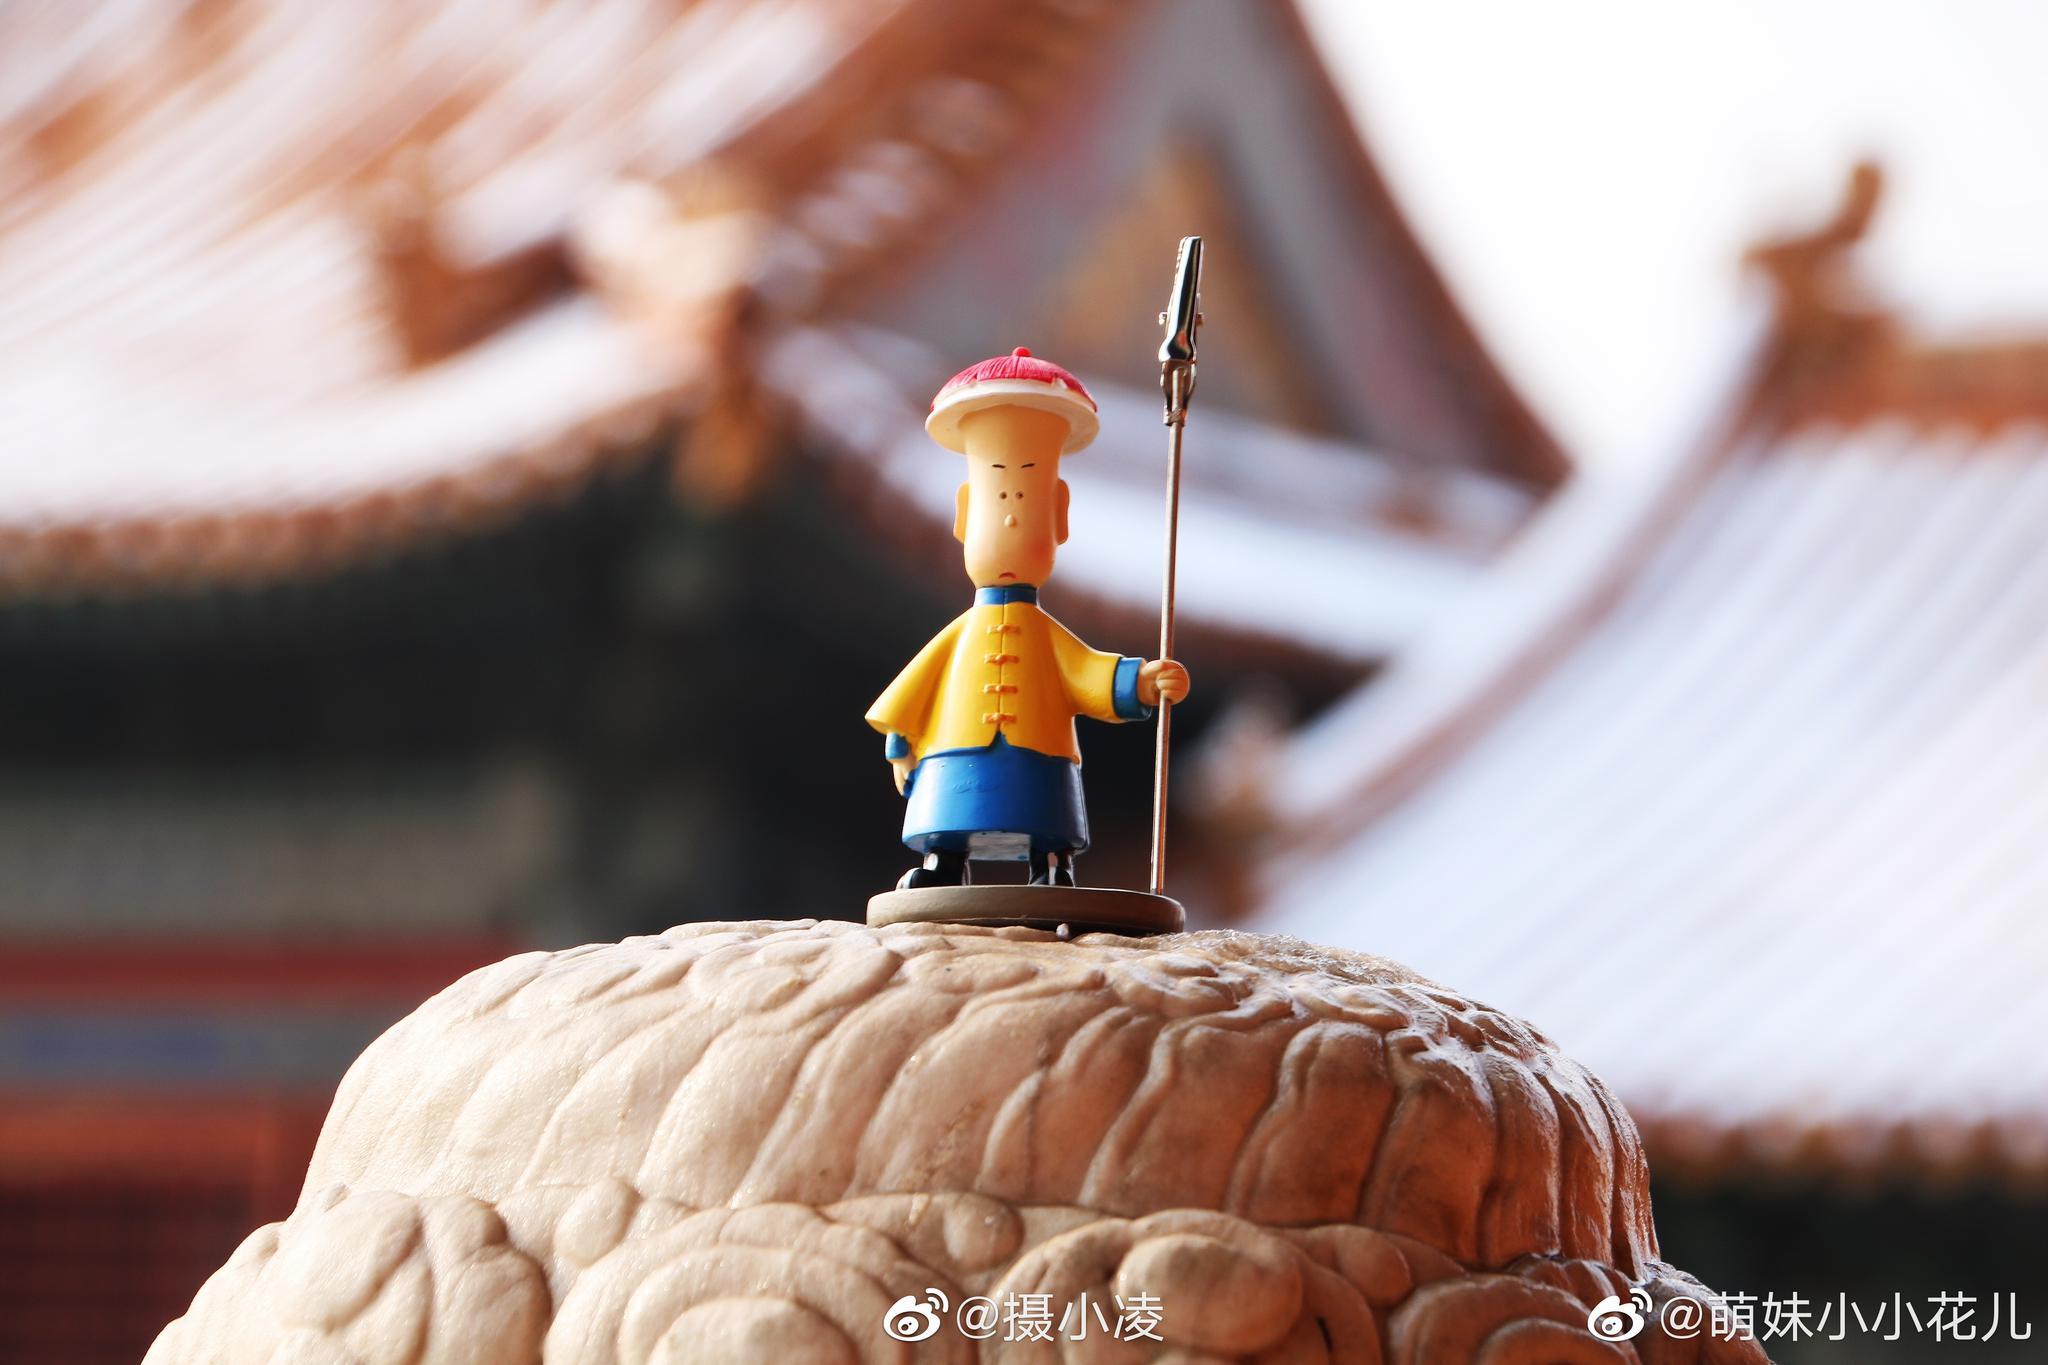 紫禁城看雪 真美 I 摄影人:@萌妹小小花儿